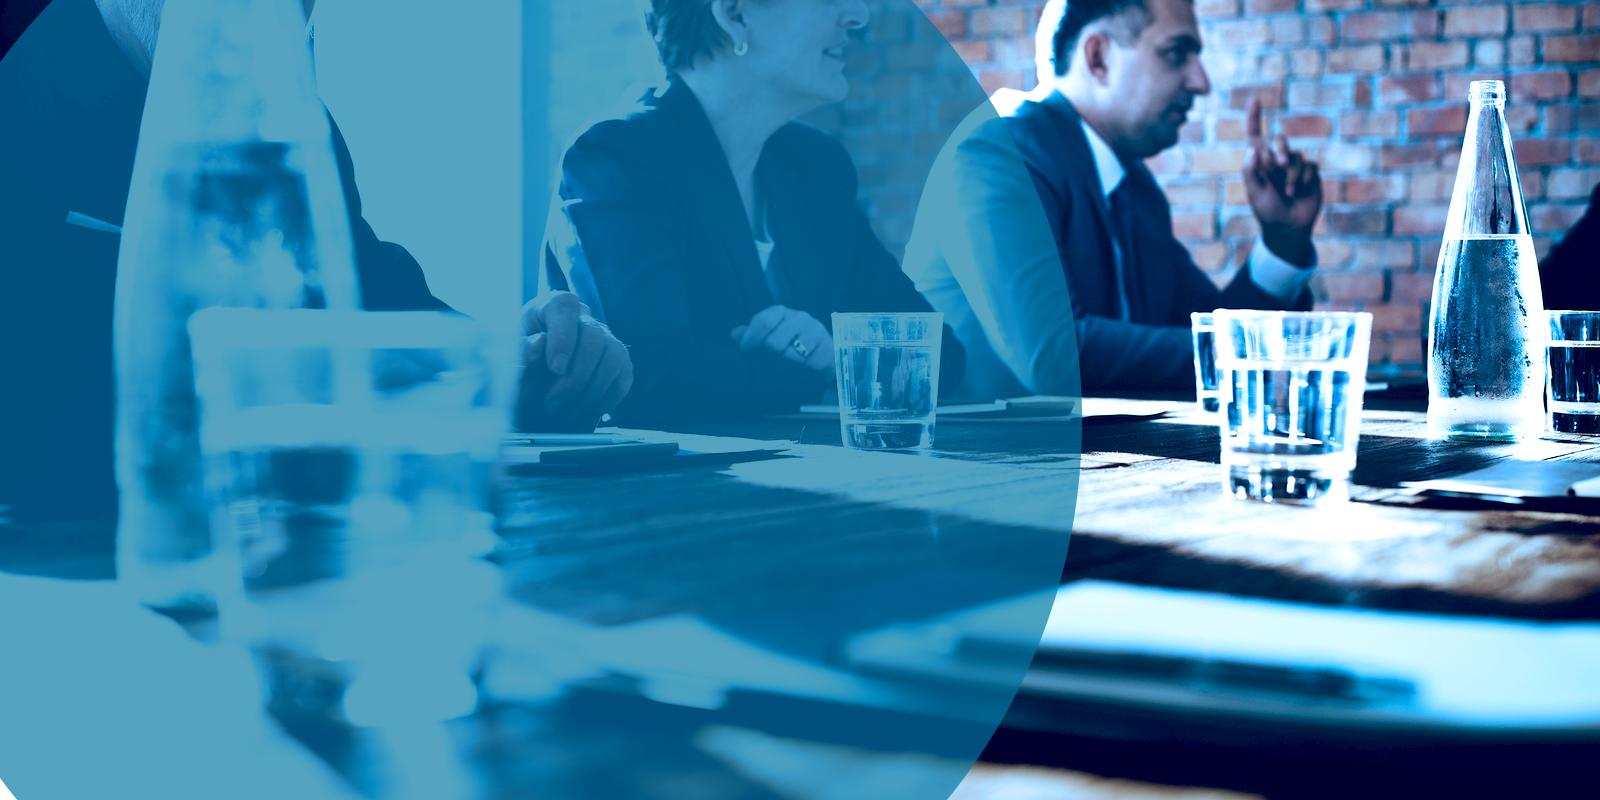 create meeting groups in Convene